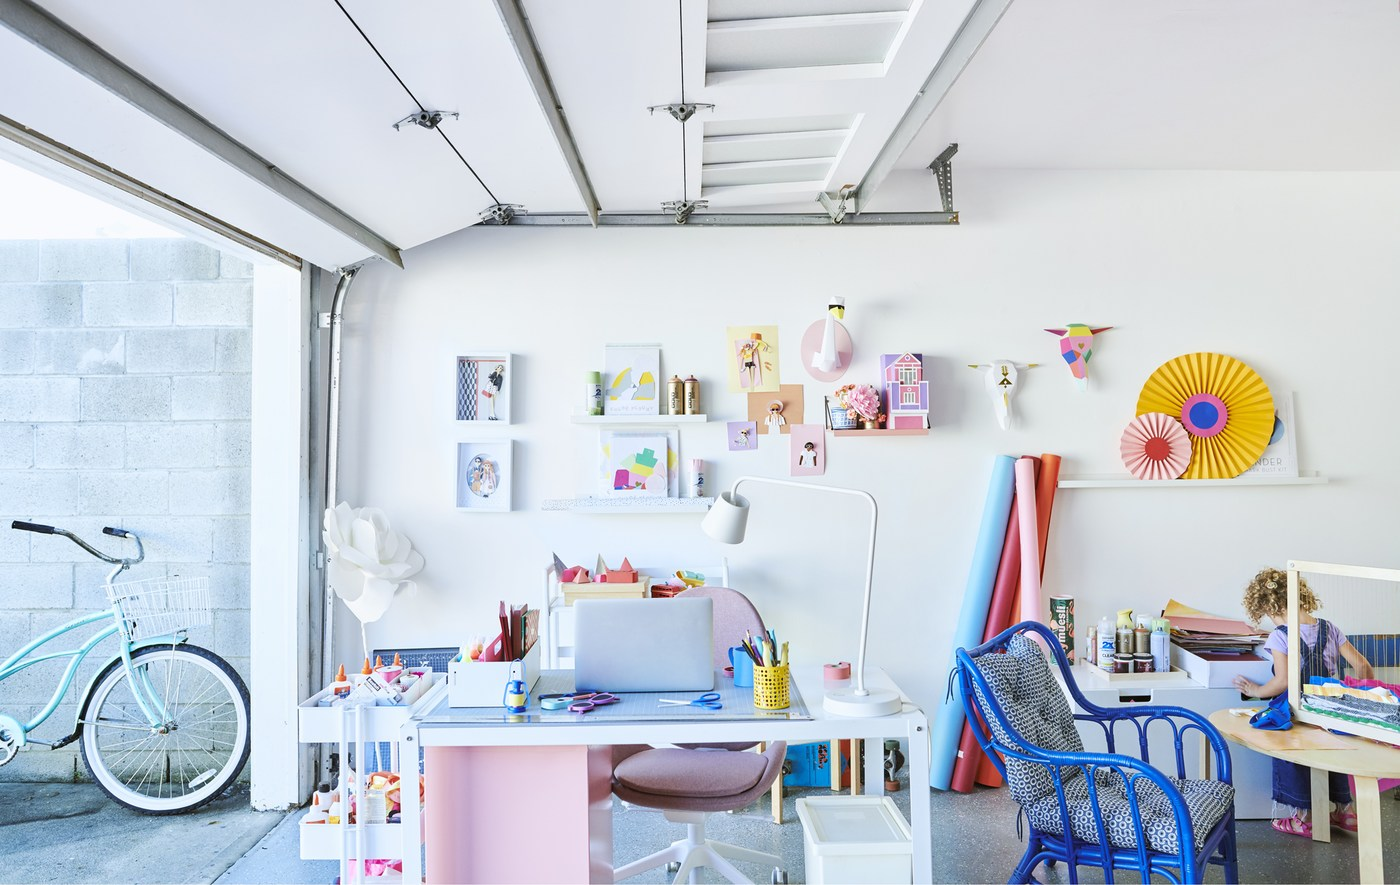 rostor plný barev se stolem, vozíkem a Pžidlemi, původně používaný jako garáž